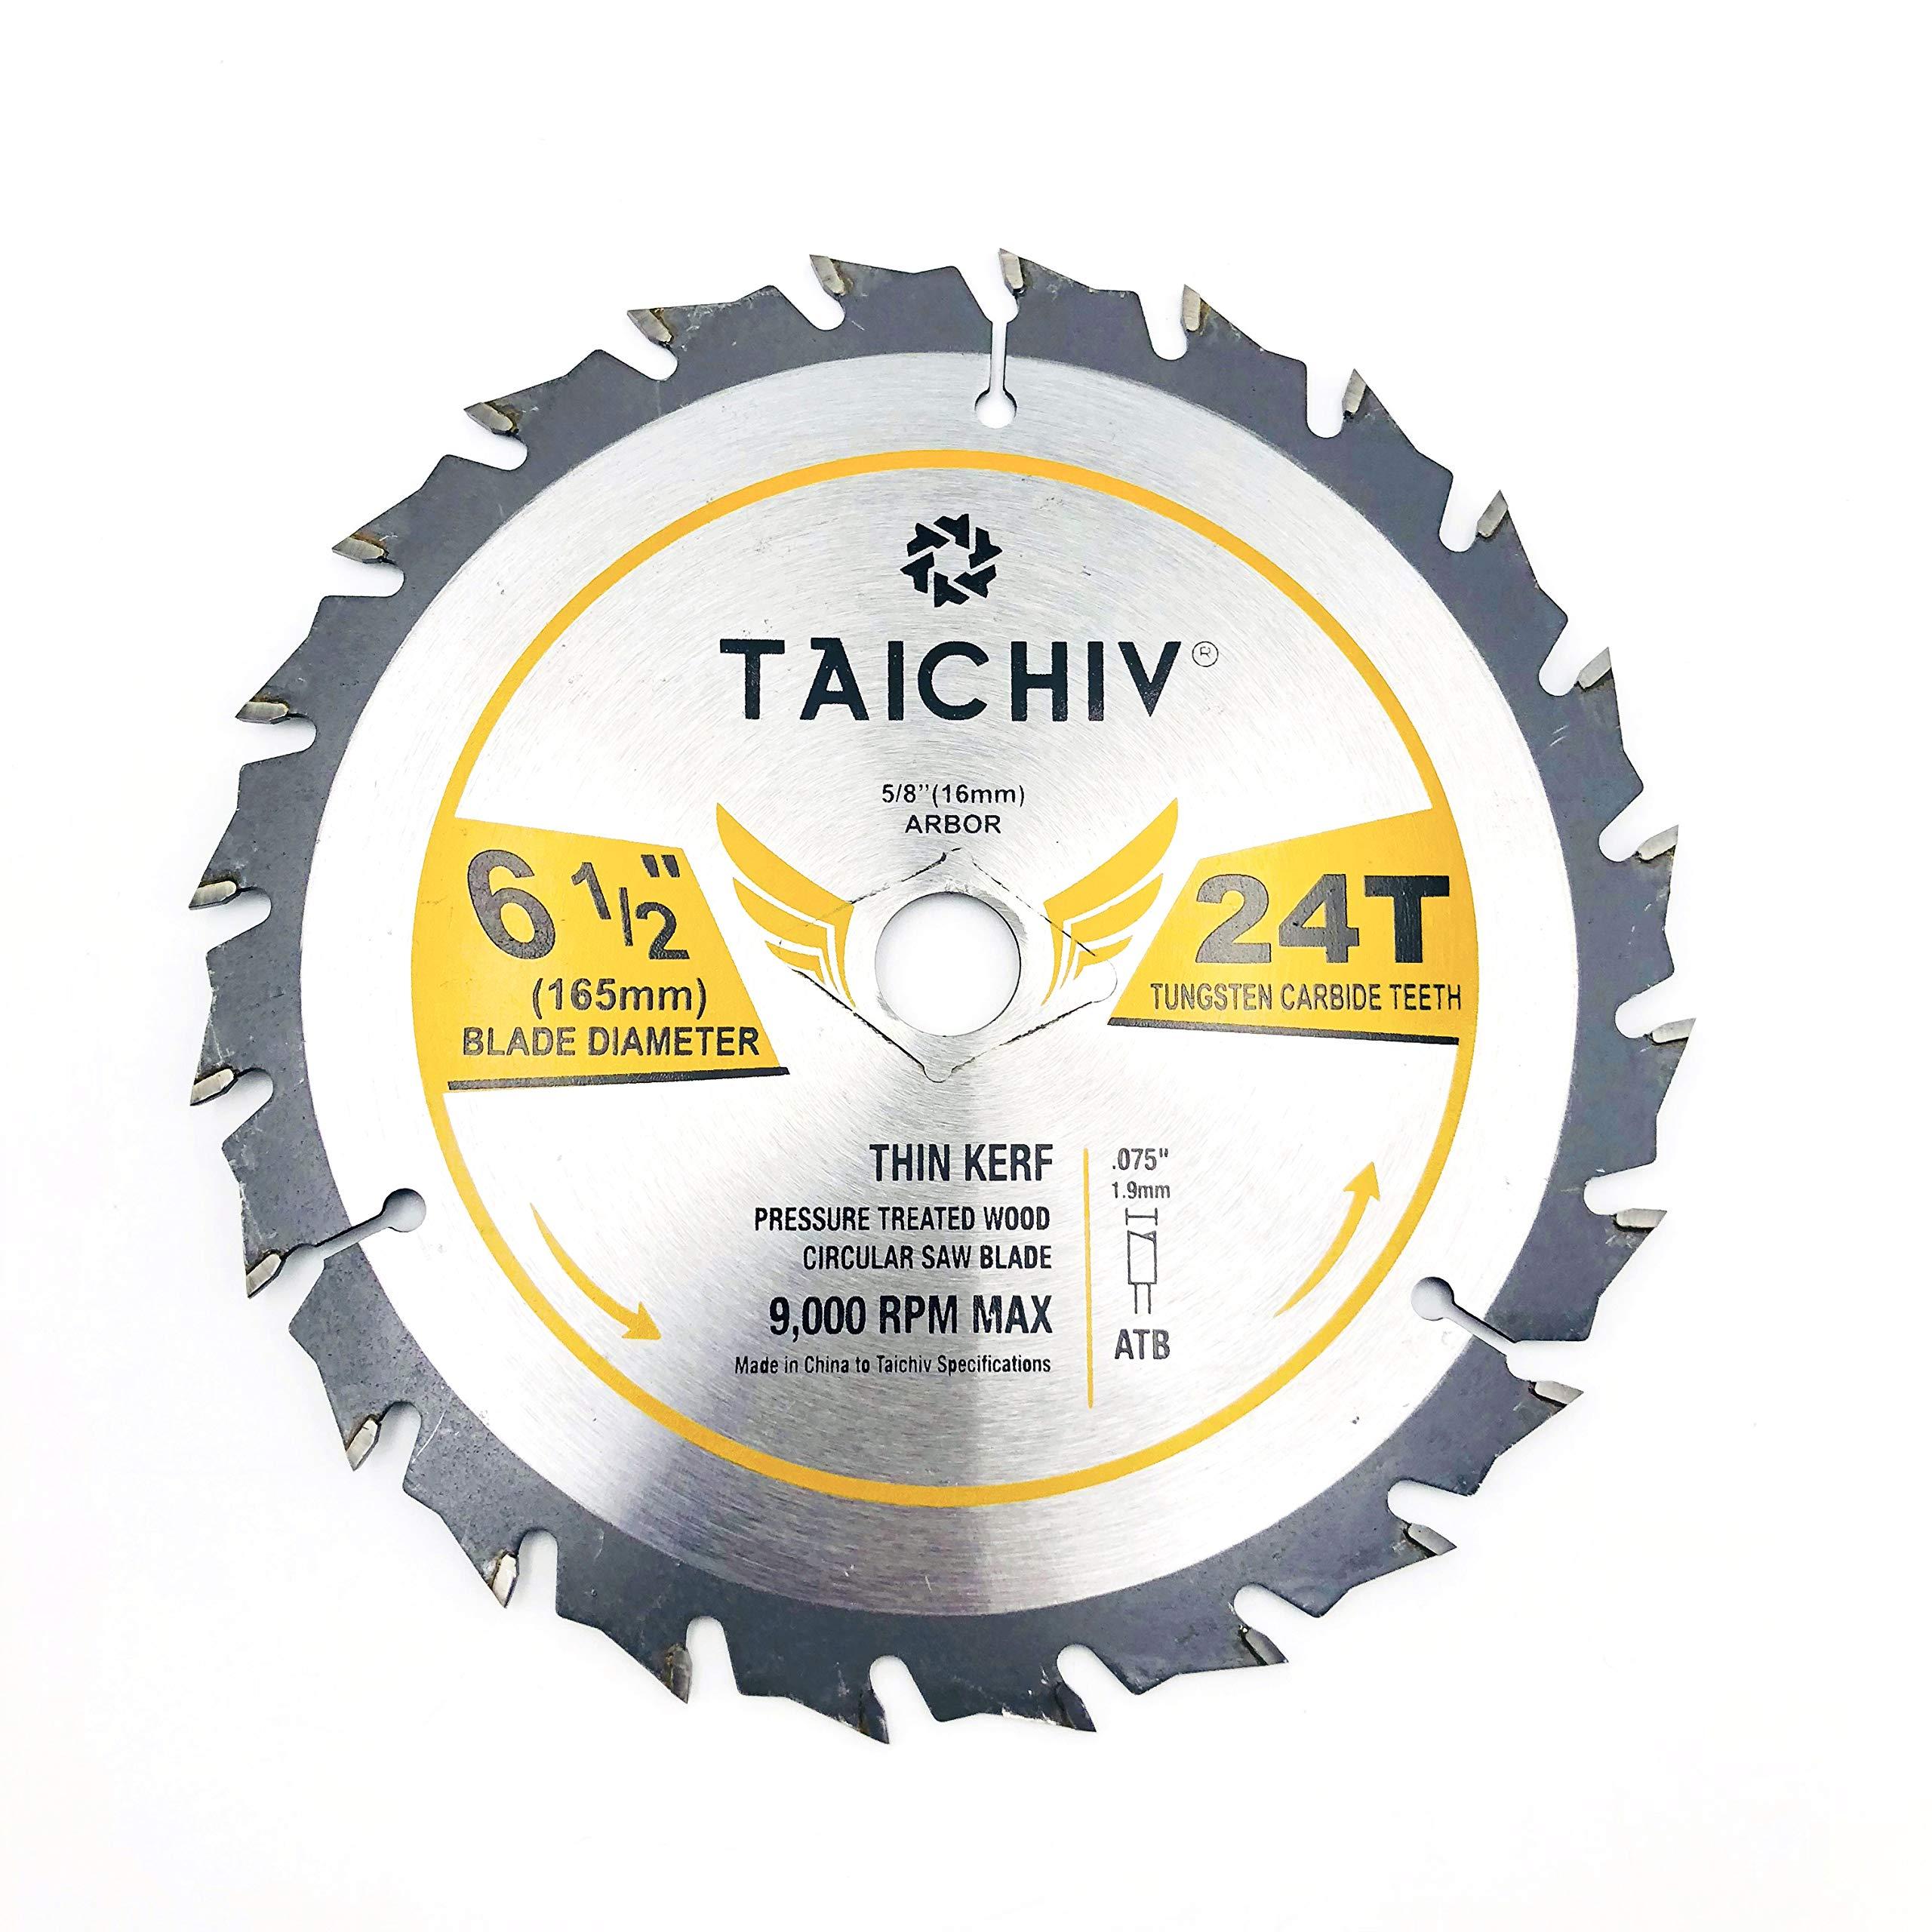 Disco Sierra TAICHIV 6 1/2 x 24T ATB Carbide Framing s con